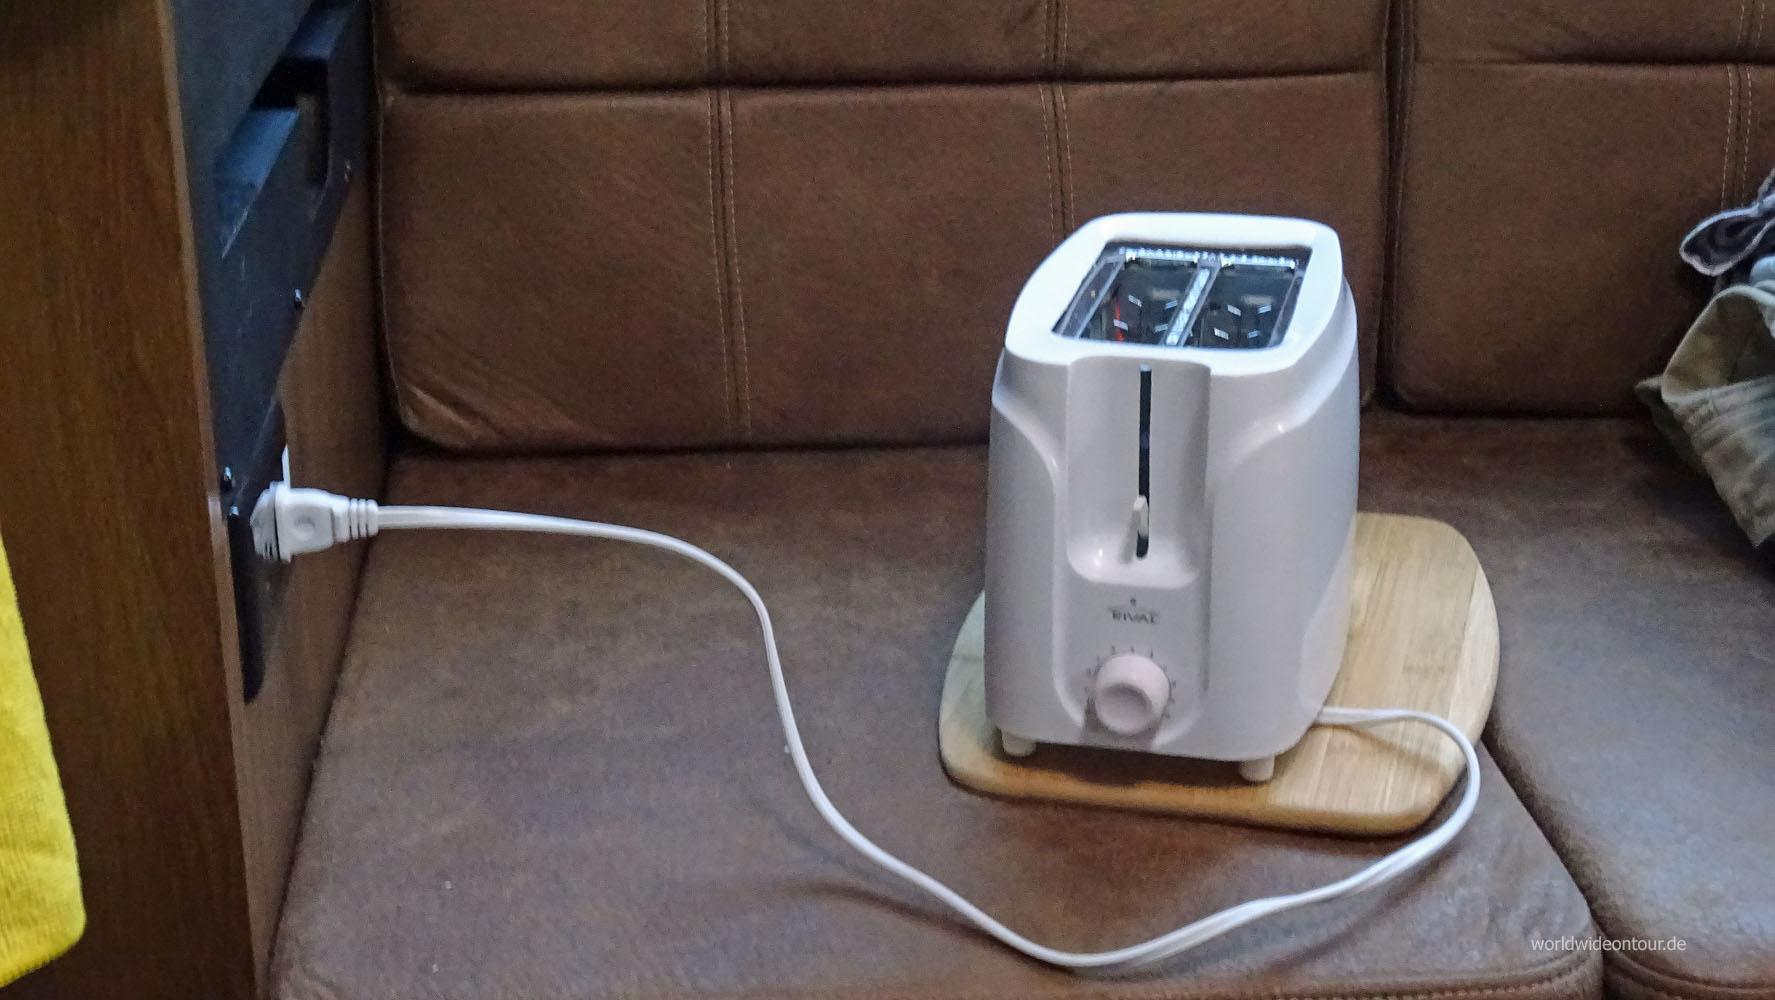 Toaster whe